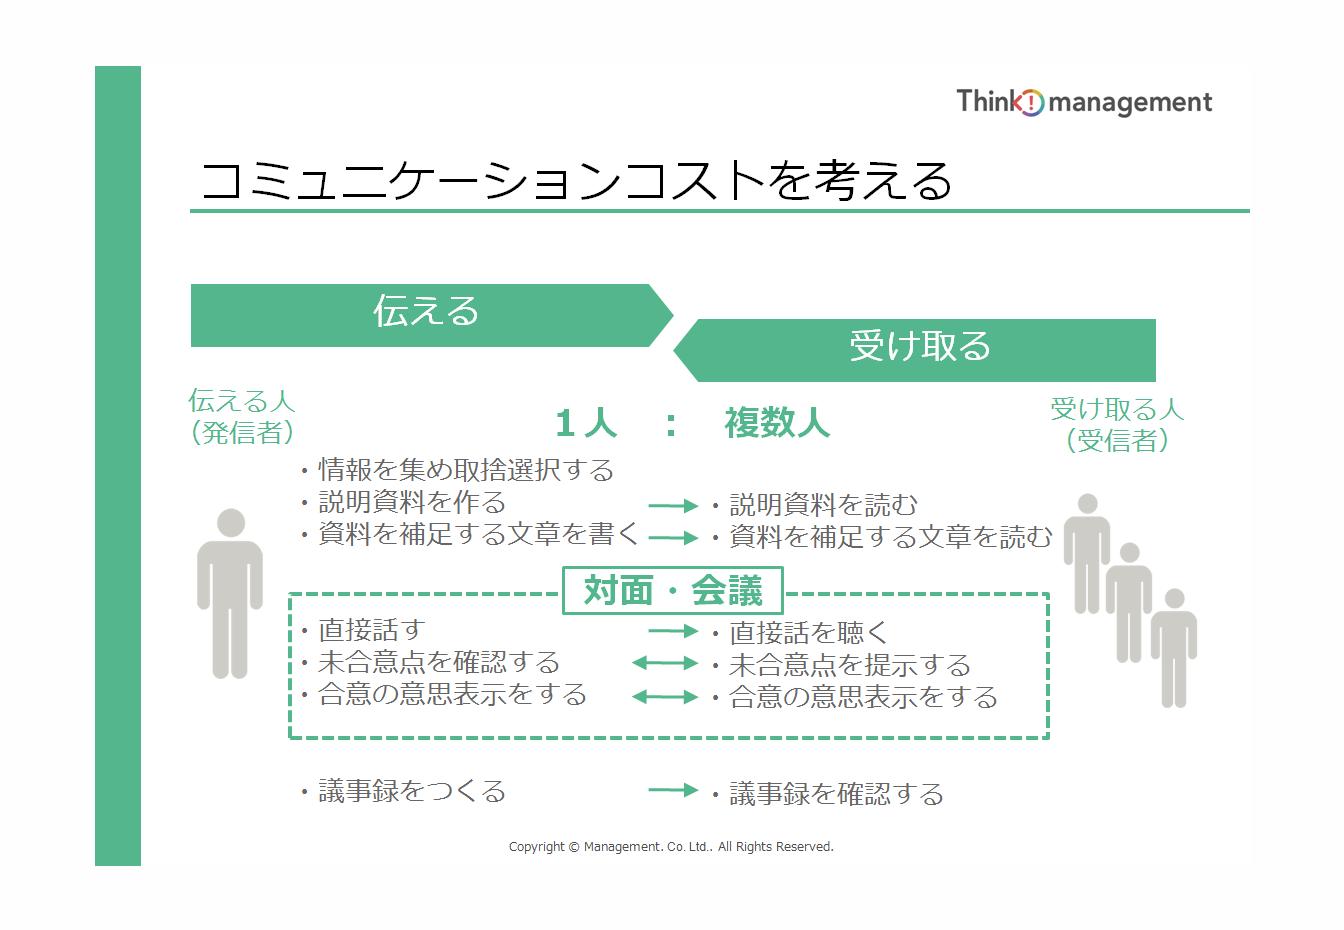 チームのコミュニケーションコストを最少化する、コミュニケーション設計における4つのポイント